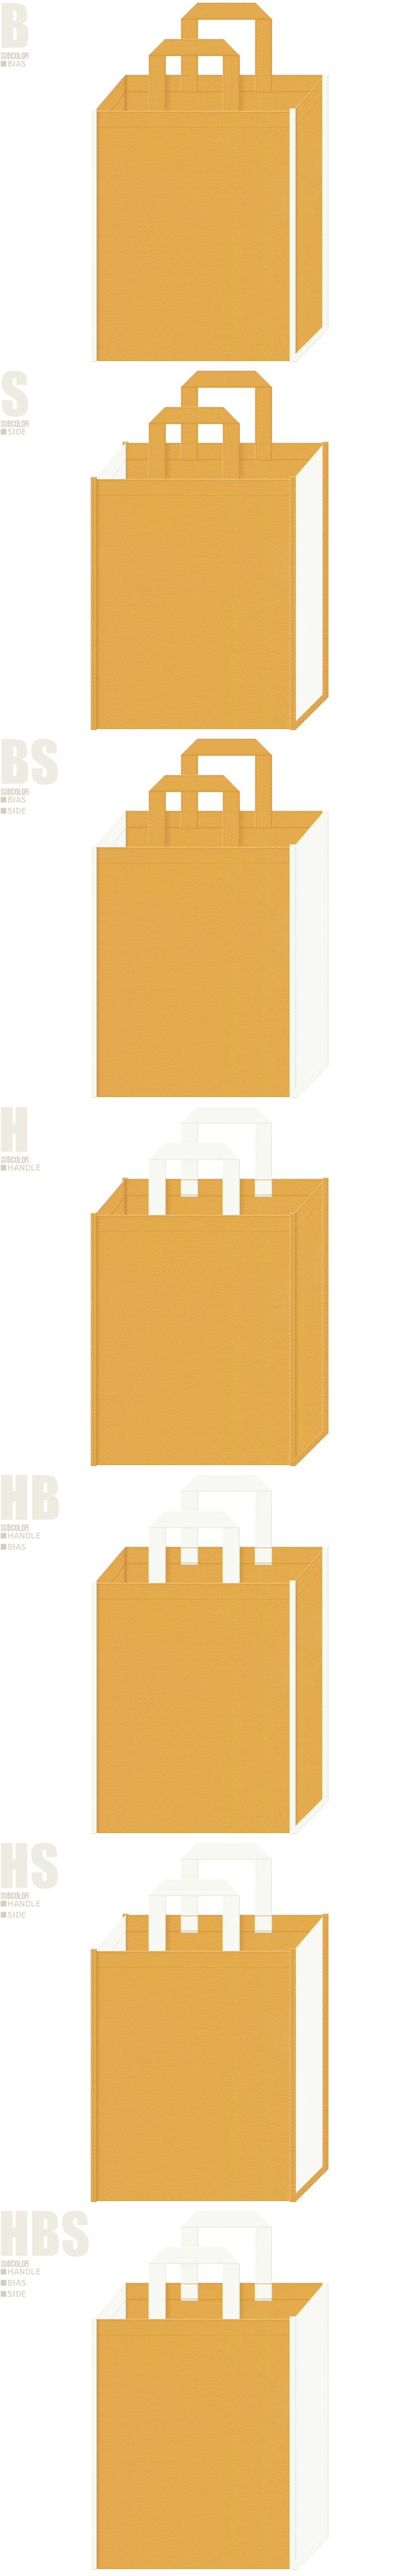 黄土色とオフホワイト色、7パターンの不織布トートバッグ配色デザイン例。ぬいぐるみ等のかわいいイメージの不織布バッグにお奨めです。